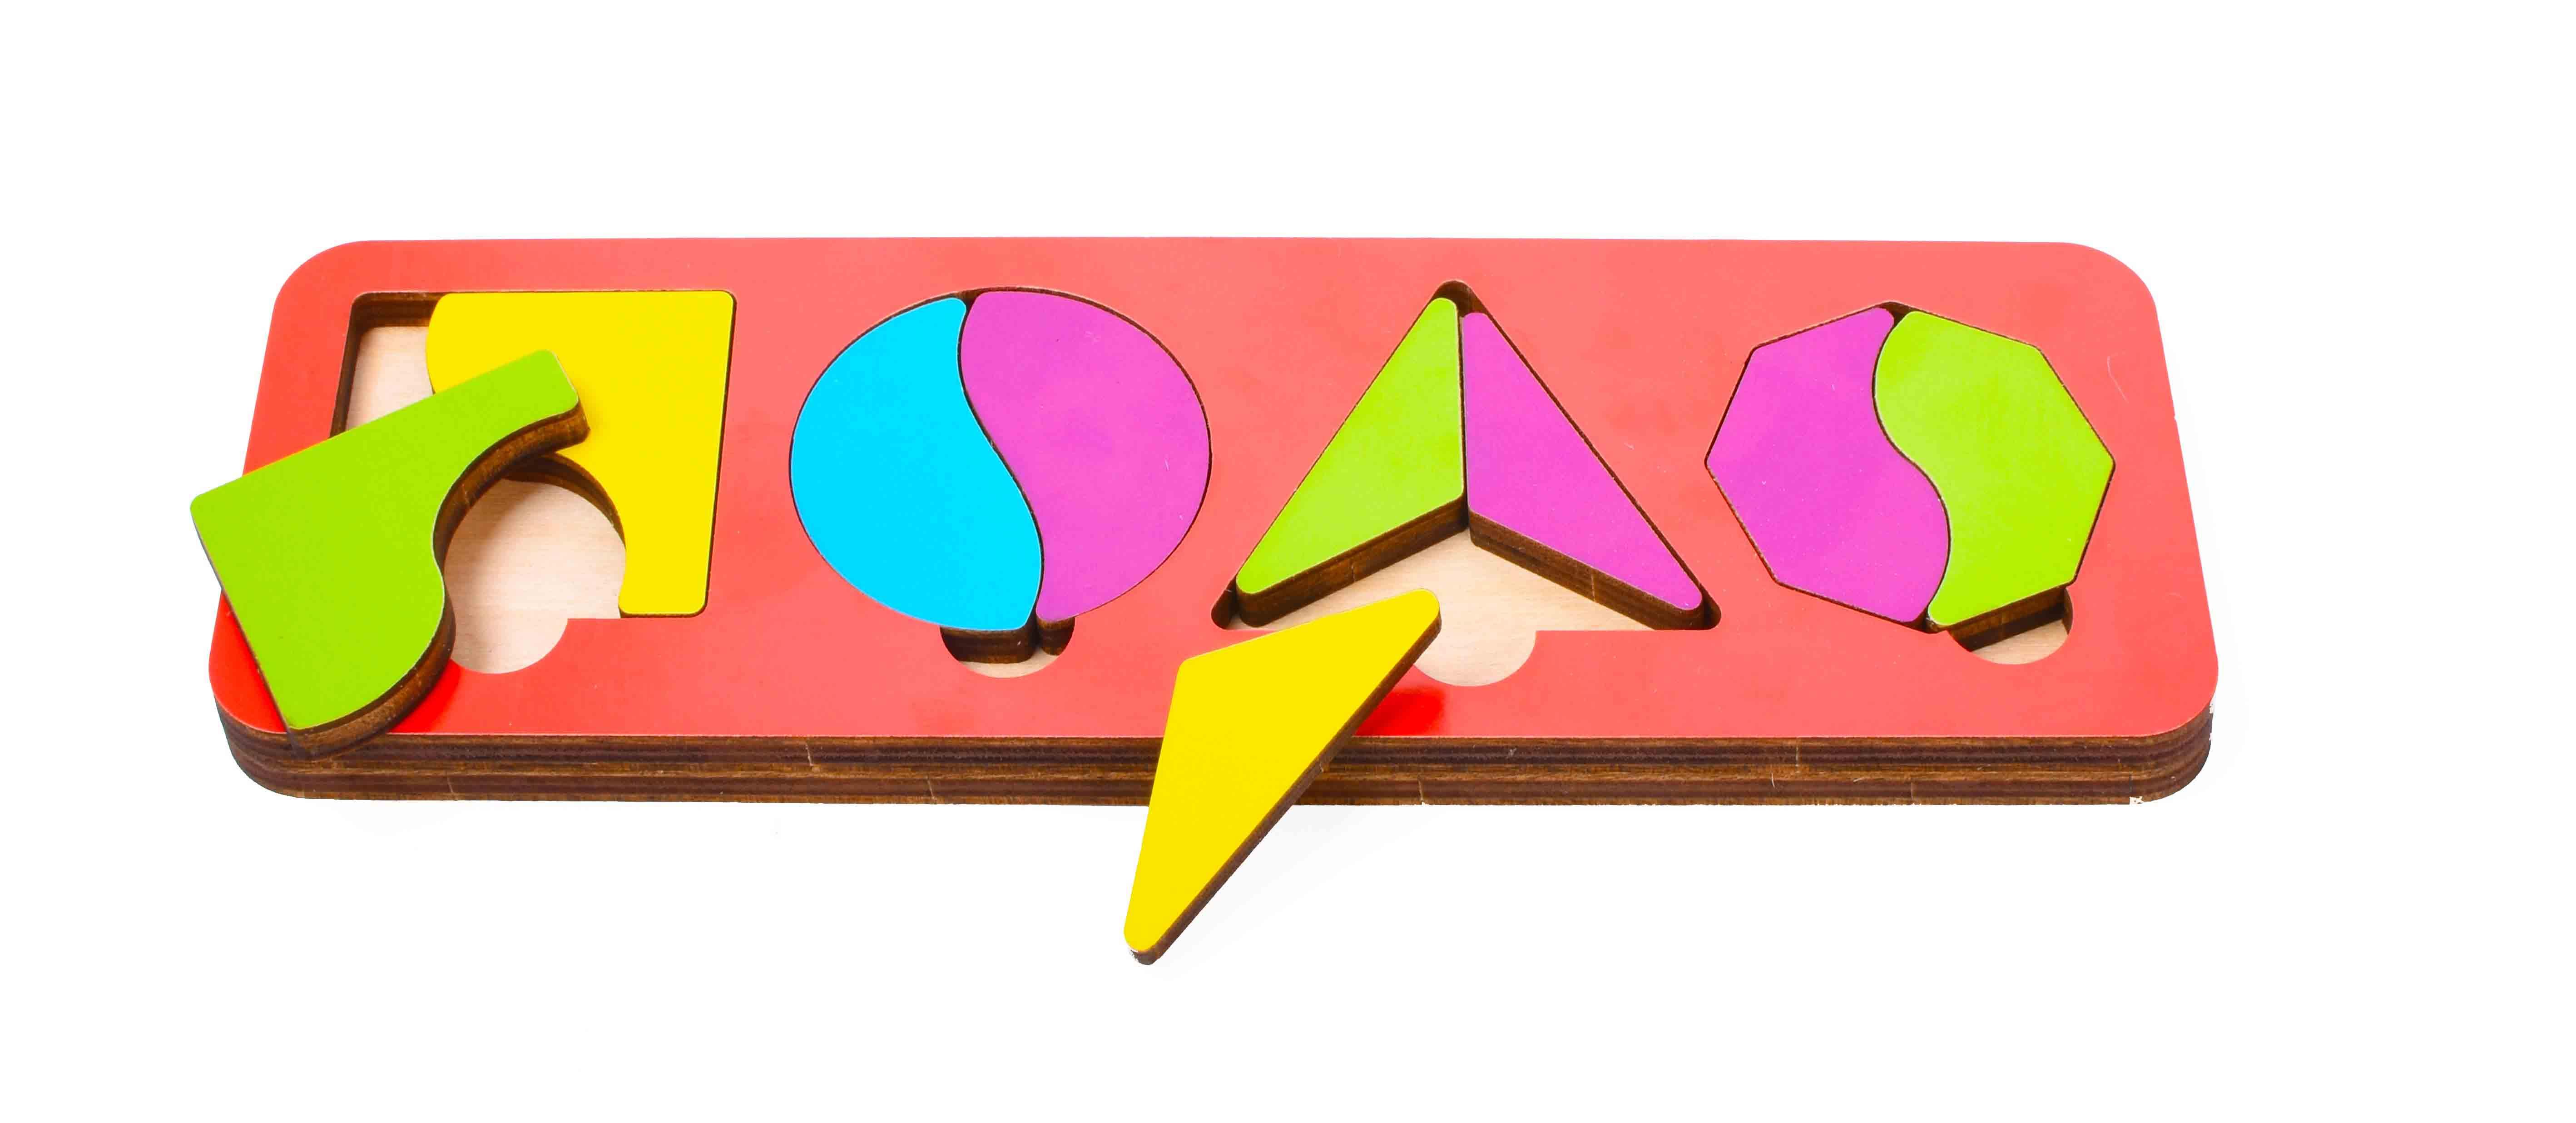 Игрушка детская:04058 Вкладыш 10 элементов (по системе раннего развития) цвет в асс-те